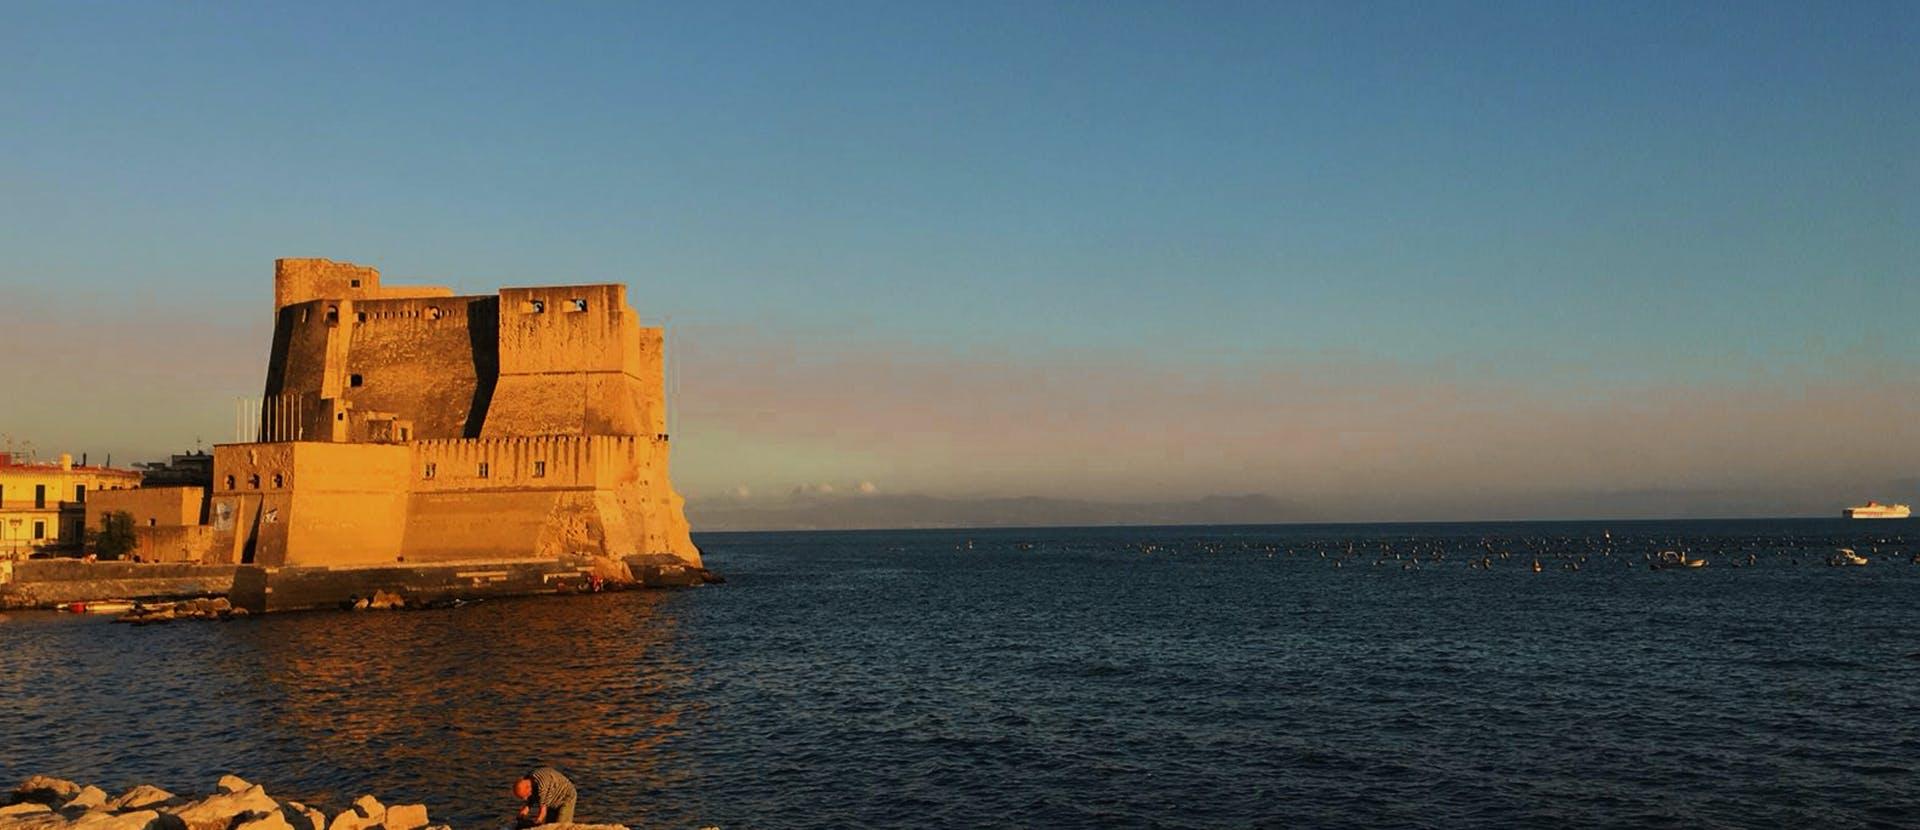 Cosa vedere a Napoli posti migliori